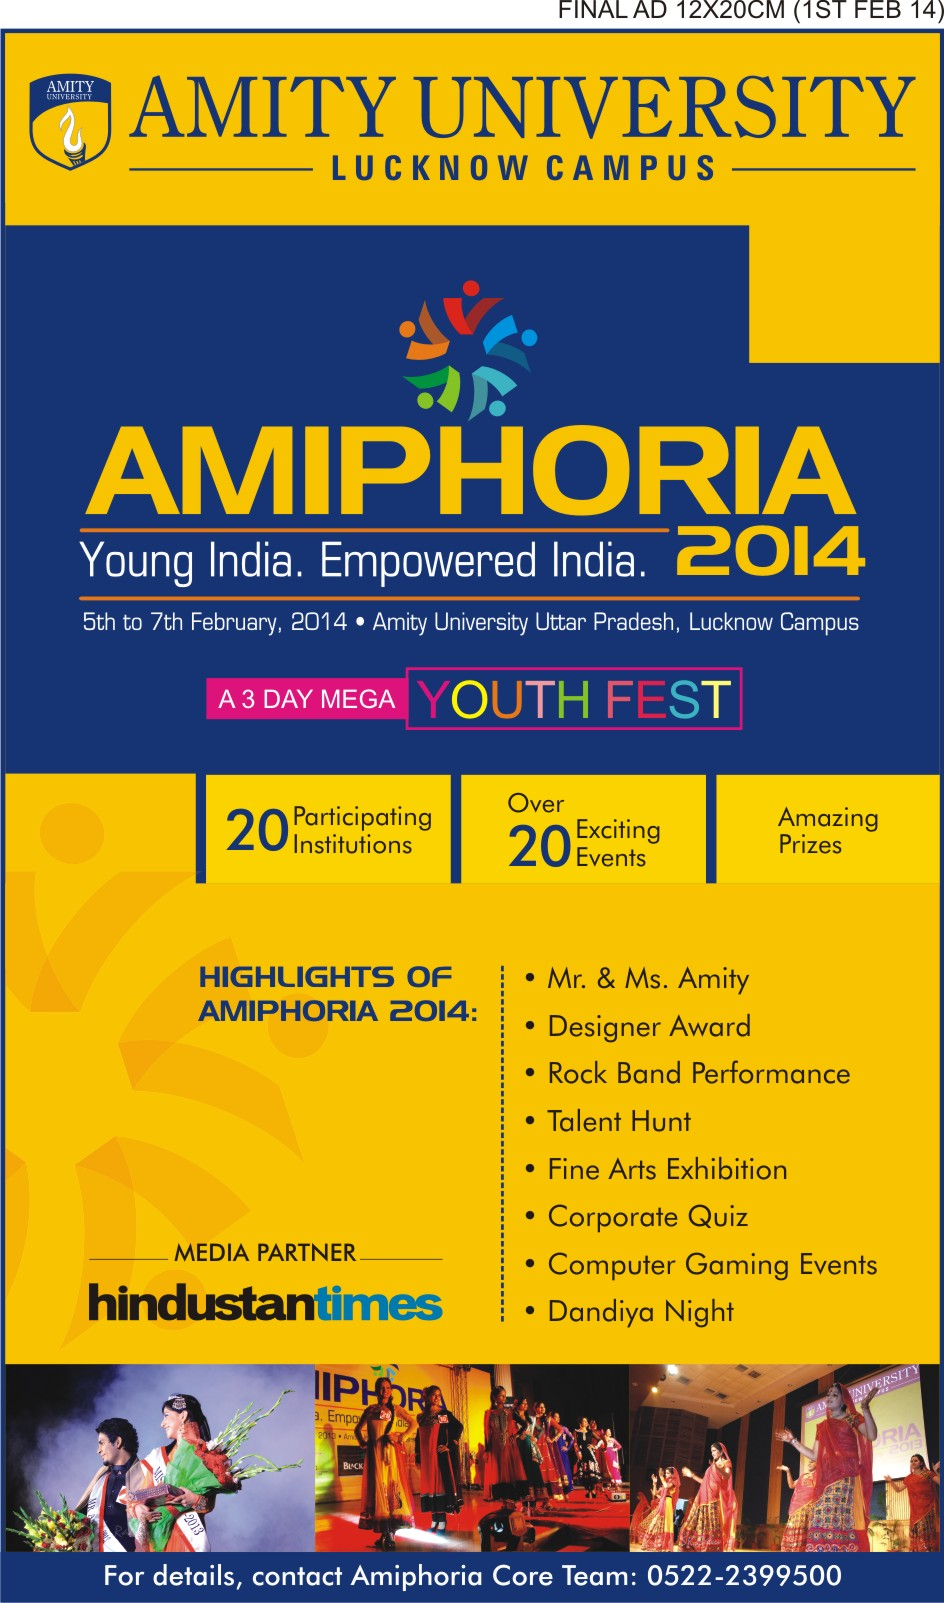 AMIPHORIA AD